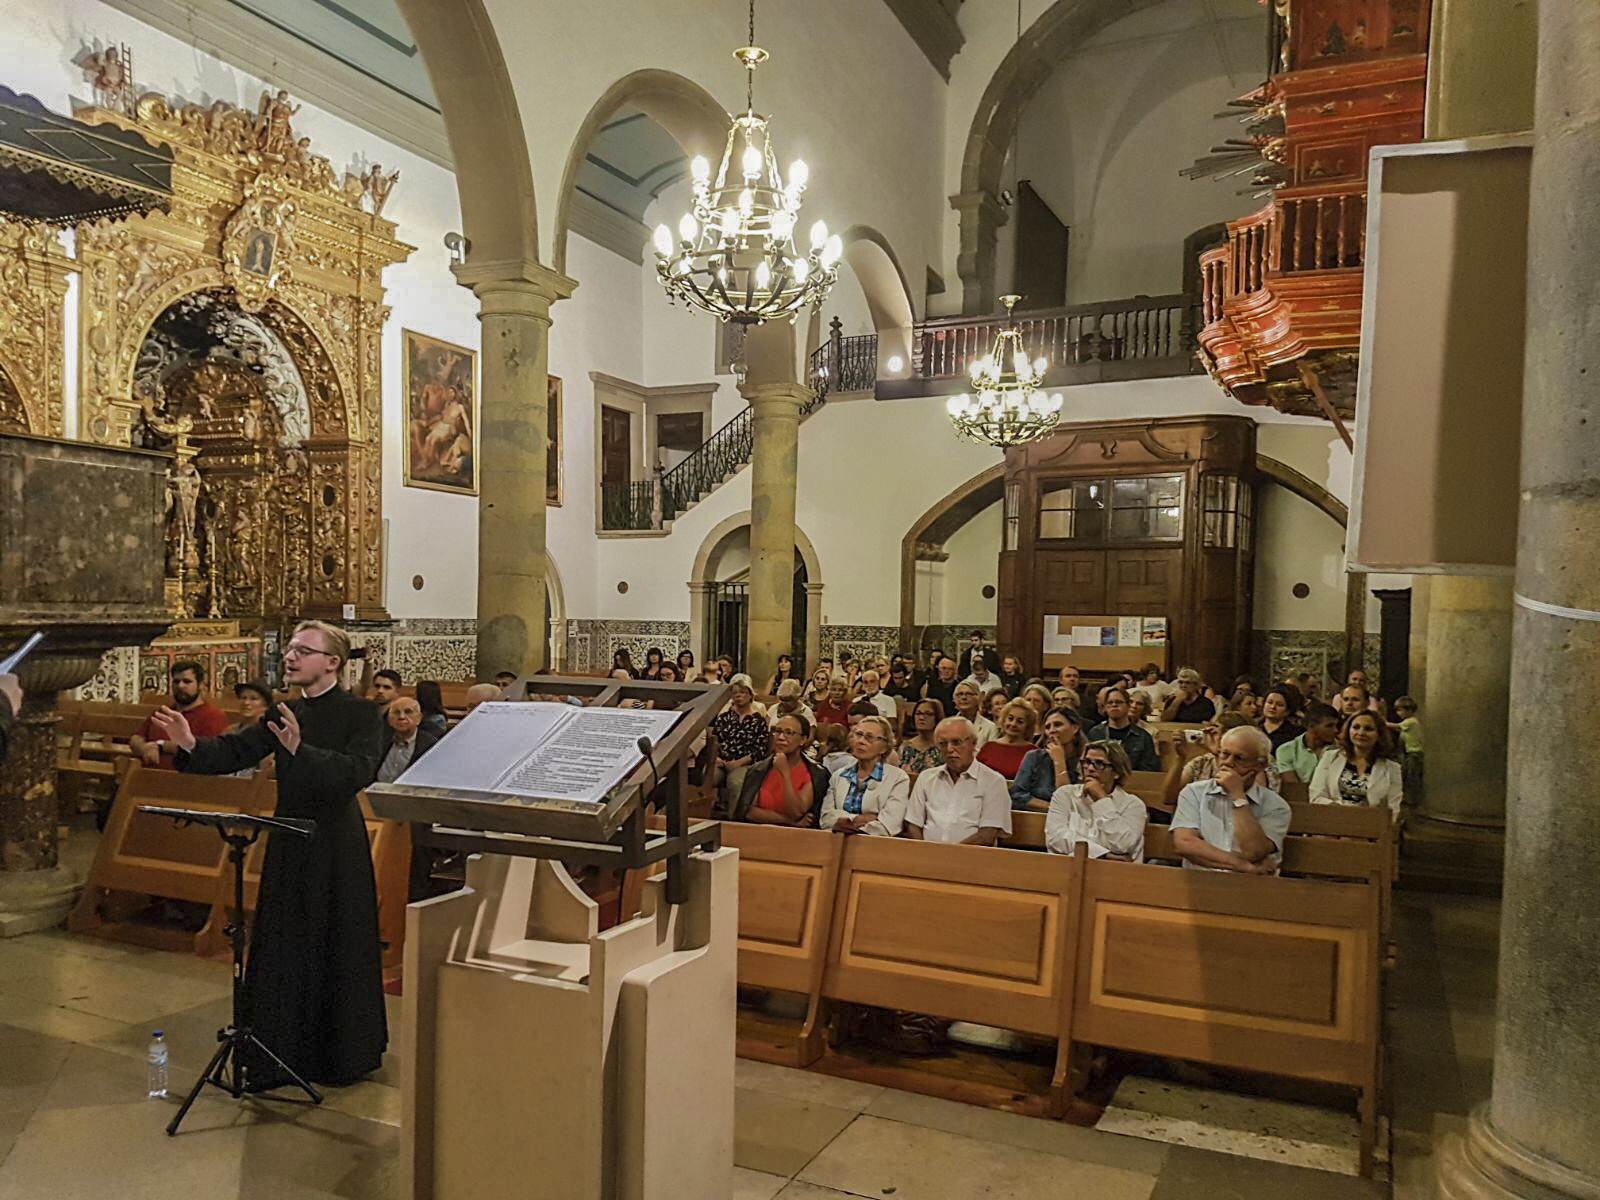 Концерт в кафедральном соборе Фару (Португалия)